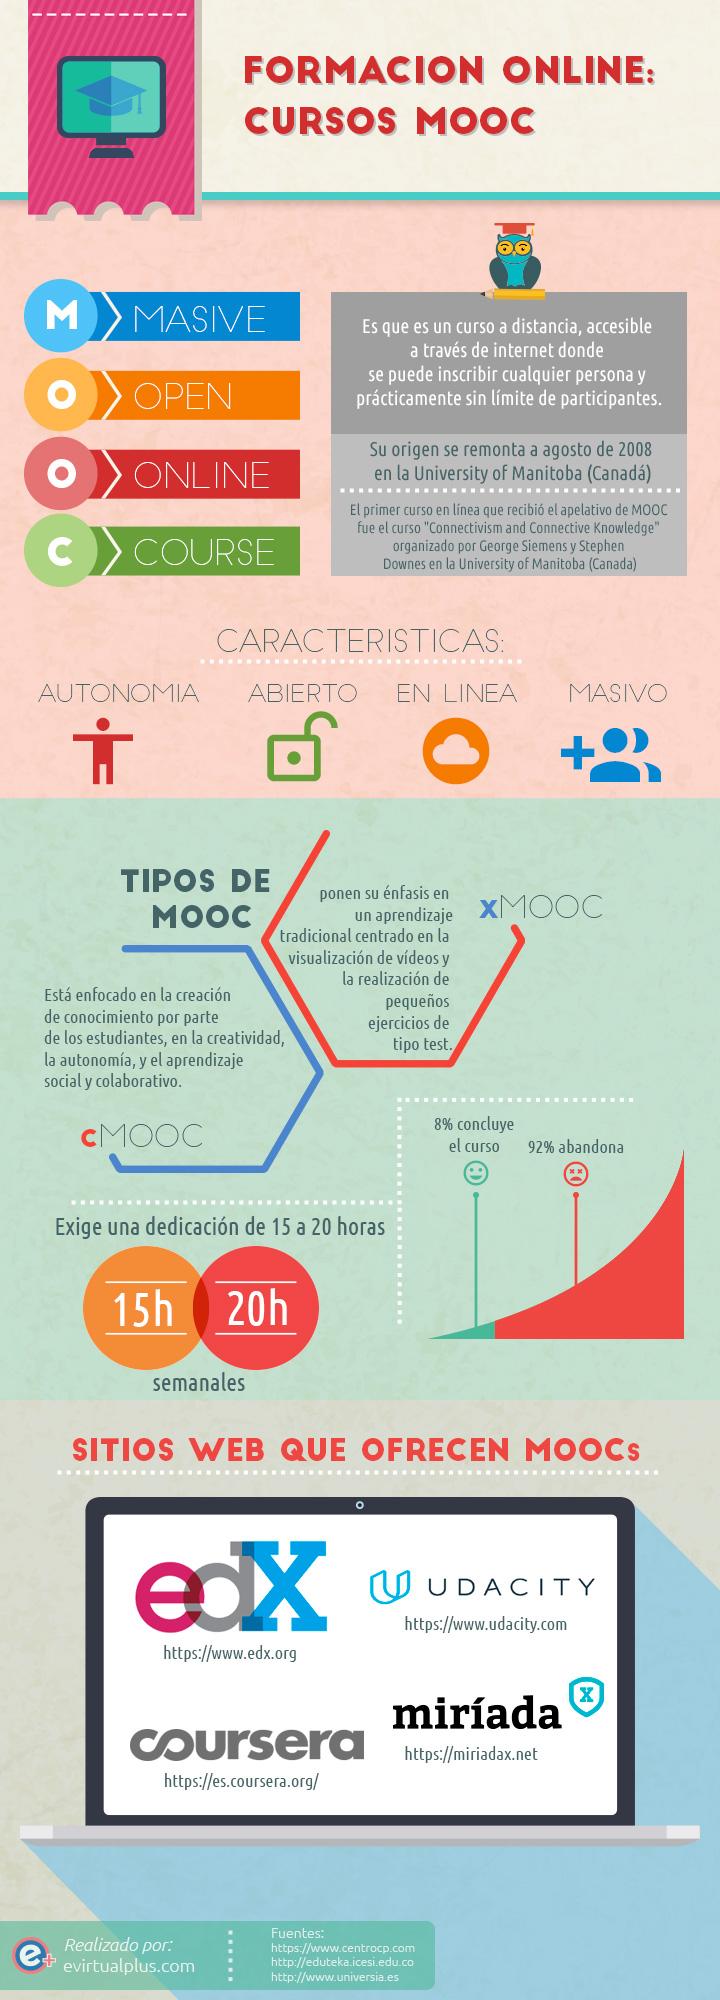 Formación online: Cursos MOOC